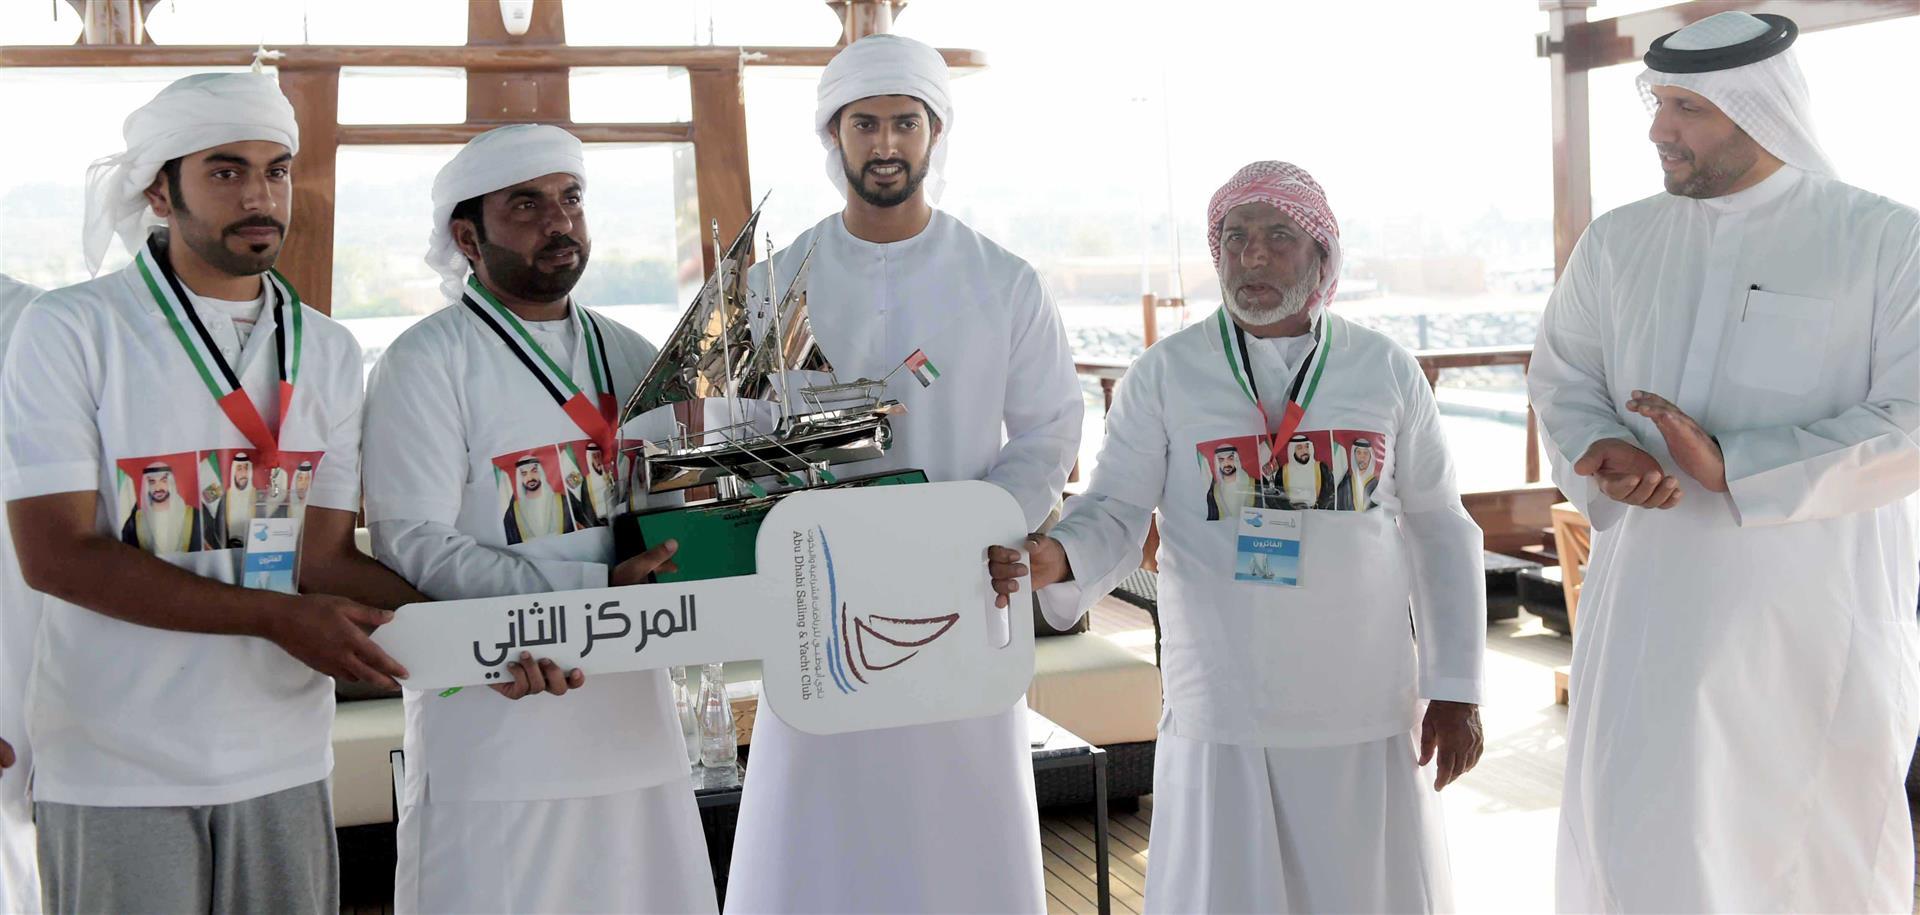 زايد بن حمدان بن زايد يتوج الفائزين في سباق دلما التاريخي للمحامل الشراعية 2